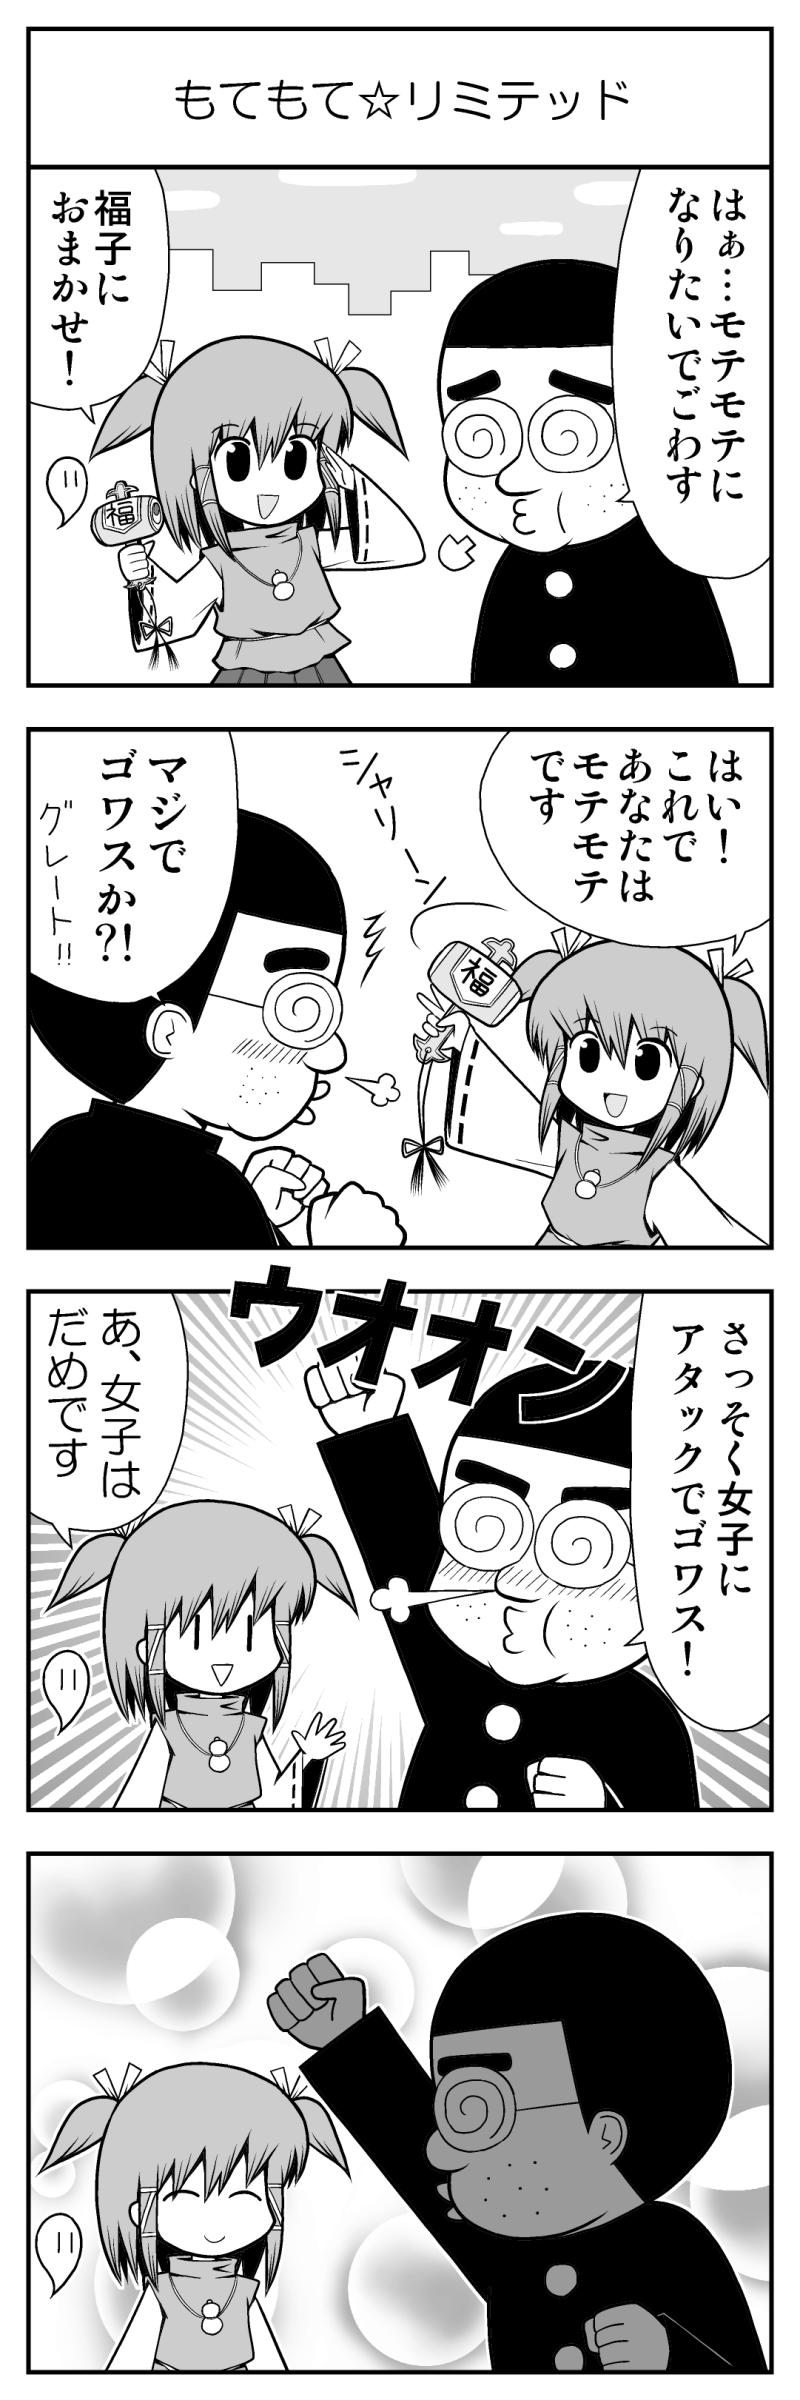 ふく☆ふく 第1話